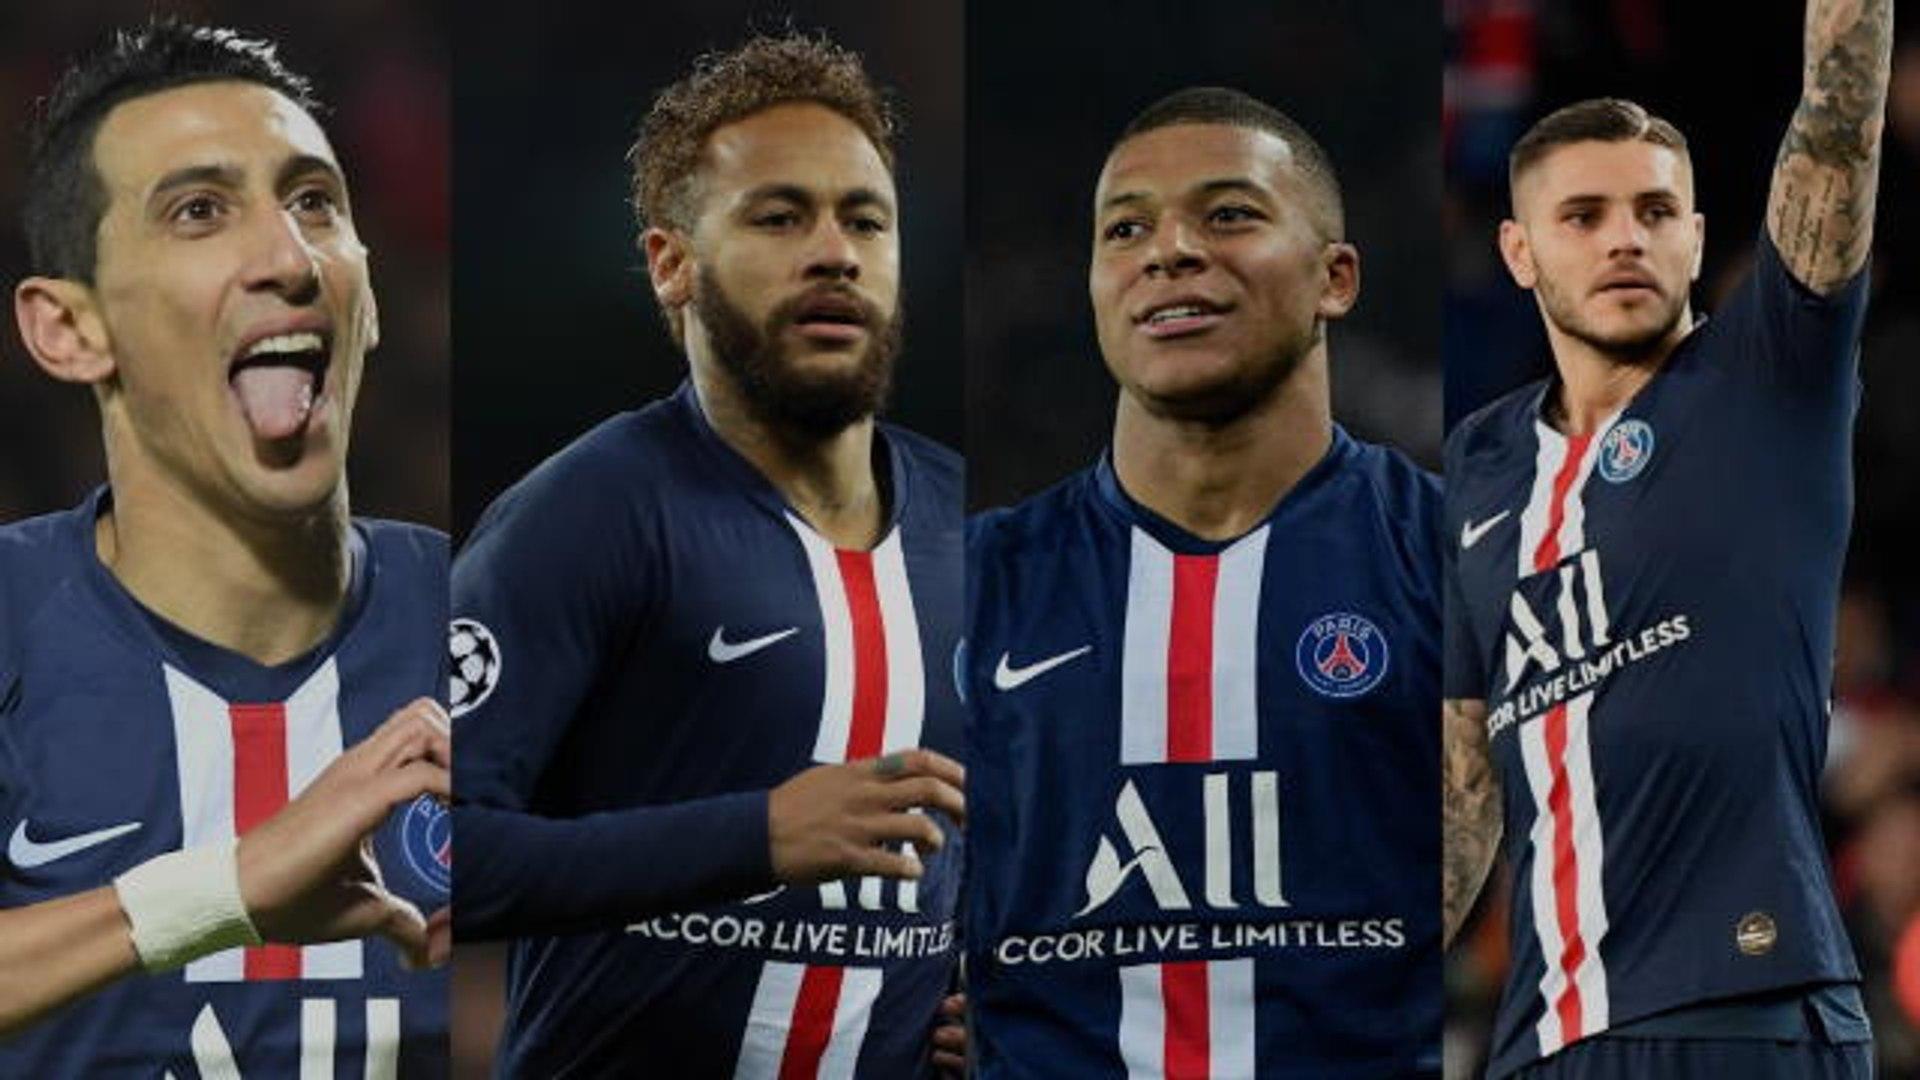 Ligue 1 Di Maria, Neymar, Mbappé, Icardi: les 4